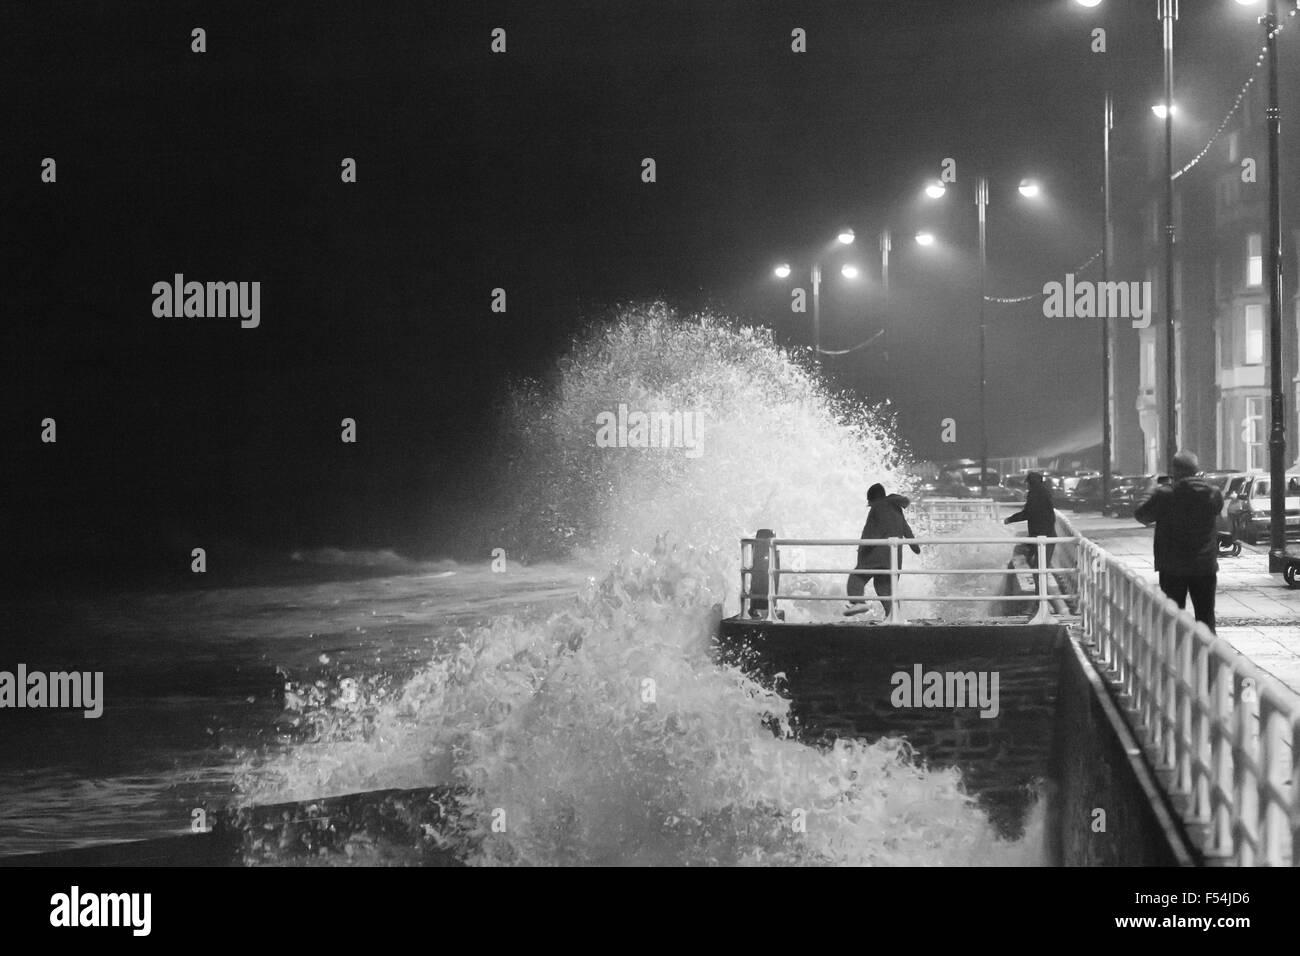 Aberystwyth, Wales, UK. 27. Oktober 2015. Jugendliche nehmen Risiken als die Wellen bei Flut heute Abend Absturz Stockbild